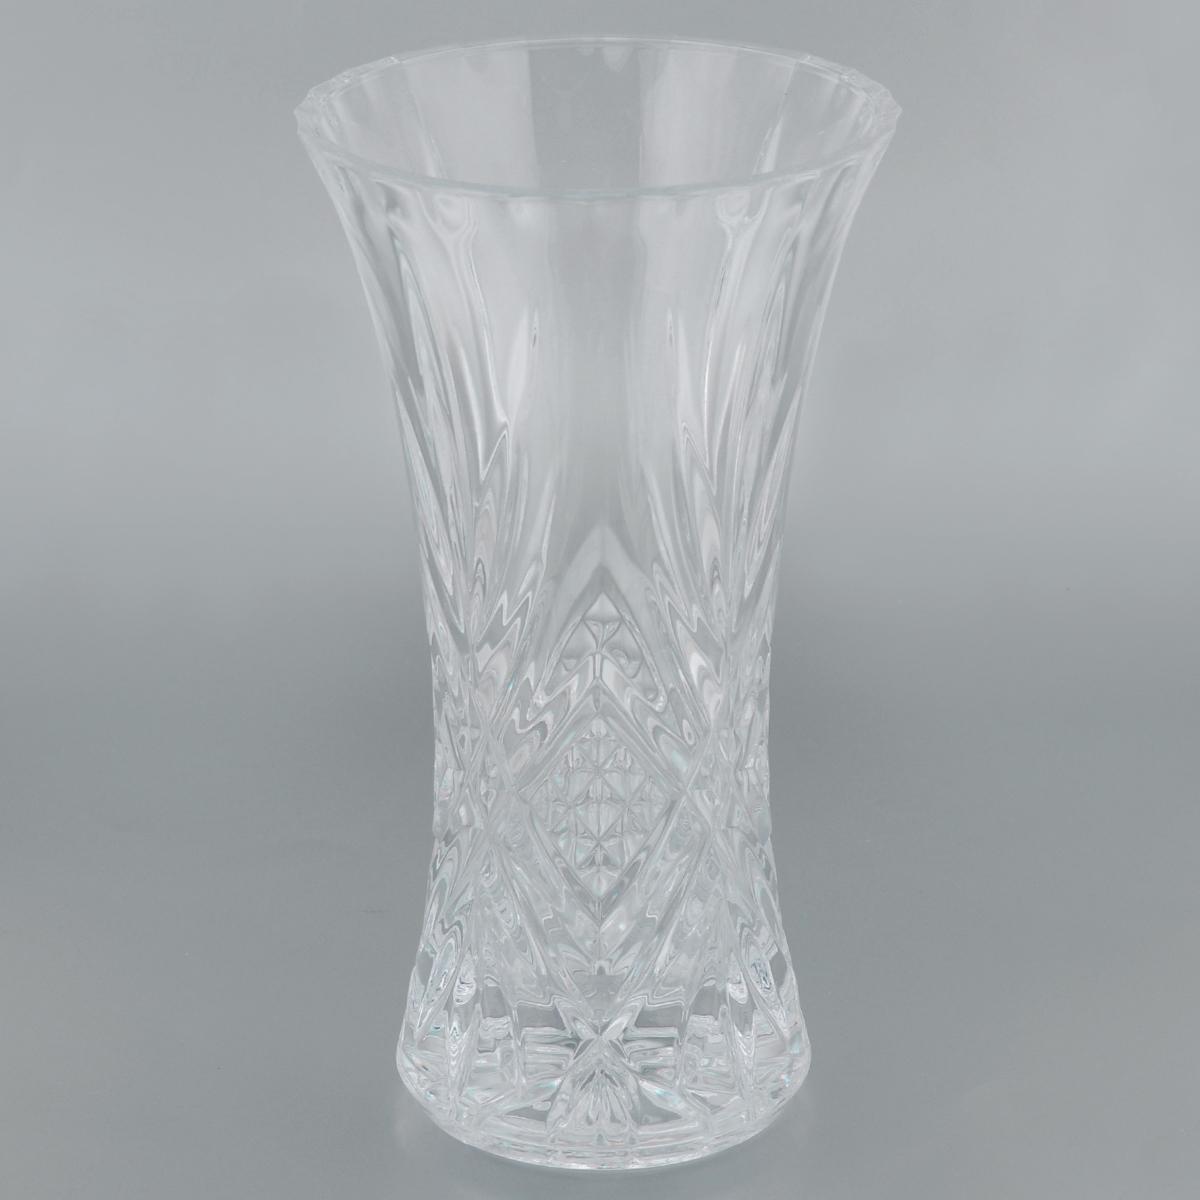 Ваза Cristal Darques Masquerade, высота 30 смG5540Изящная ваза Cristal Darques Masquerade изготовлена из высококачественного стекла Diamax, отличающегося необыкновенной прозрачностью и великолепным сиянием. Ваза оформлена рельефным рисунком, что делает ее изящным украшением интерьера. Ваза Cristal Darques Masquerade дополнит интерьер офиса или дома и станет желанным и стильным подарком. Диаметр вазы (по верхнему краю): 16,1 см. Диаметр дна: 12 см.